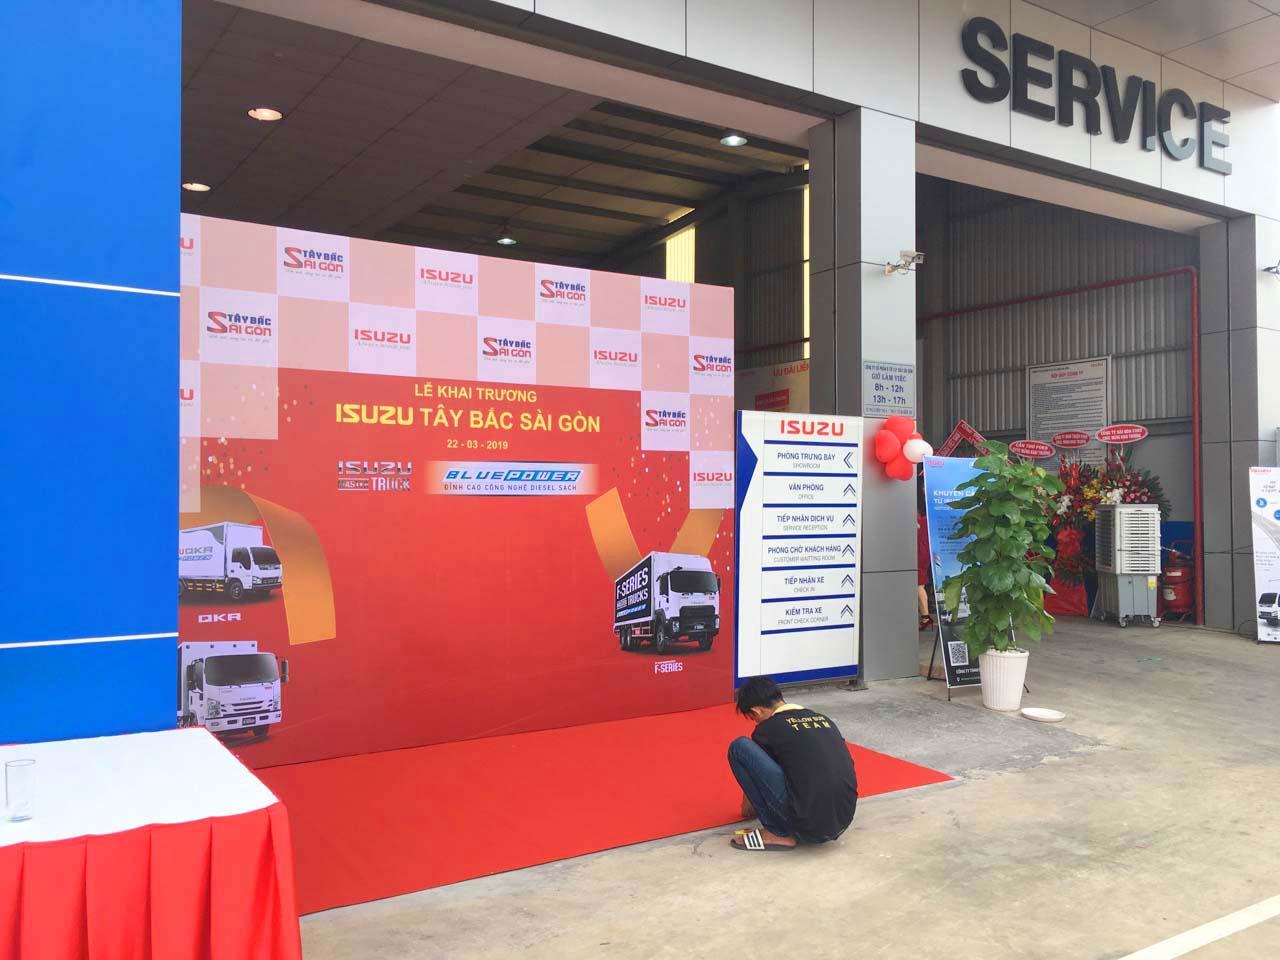 Quá trình chuẩn bị cho lễ khai trương đại lý Isuzu Hóc Môn I-Trucks Tây Bắc Sài Gòn